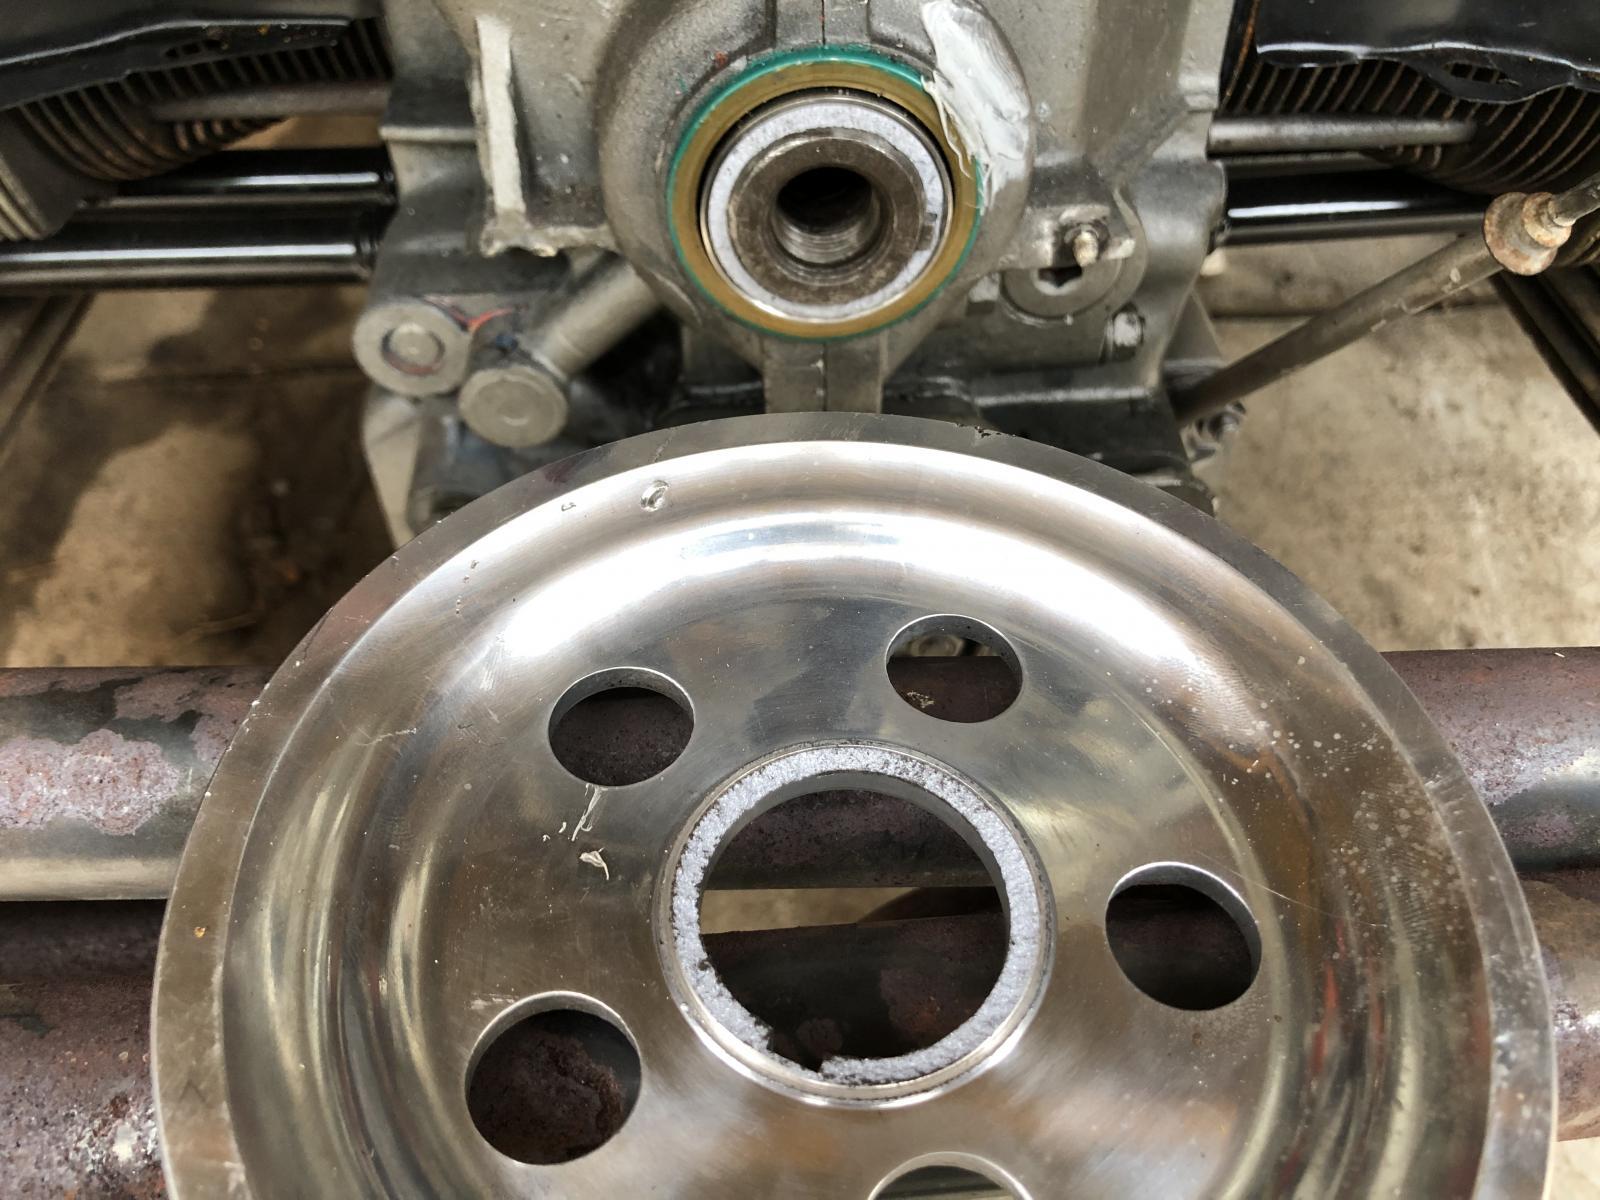 Broken Crank Pulley Flange